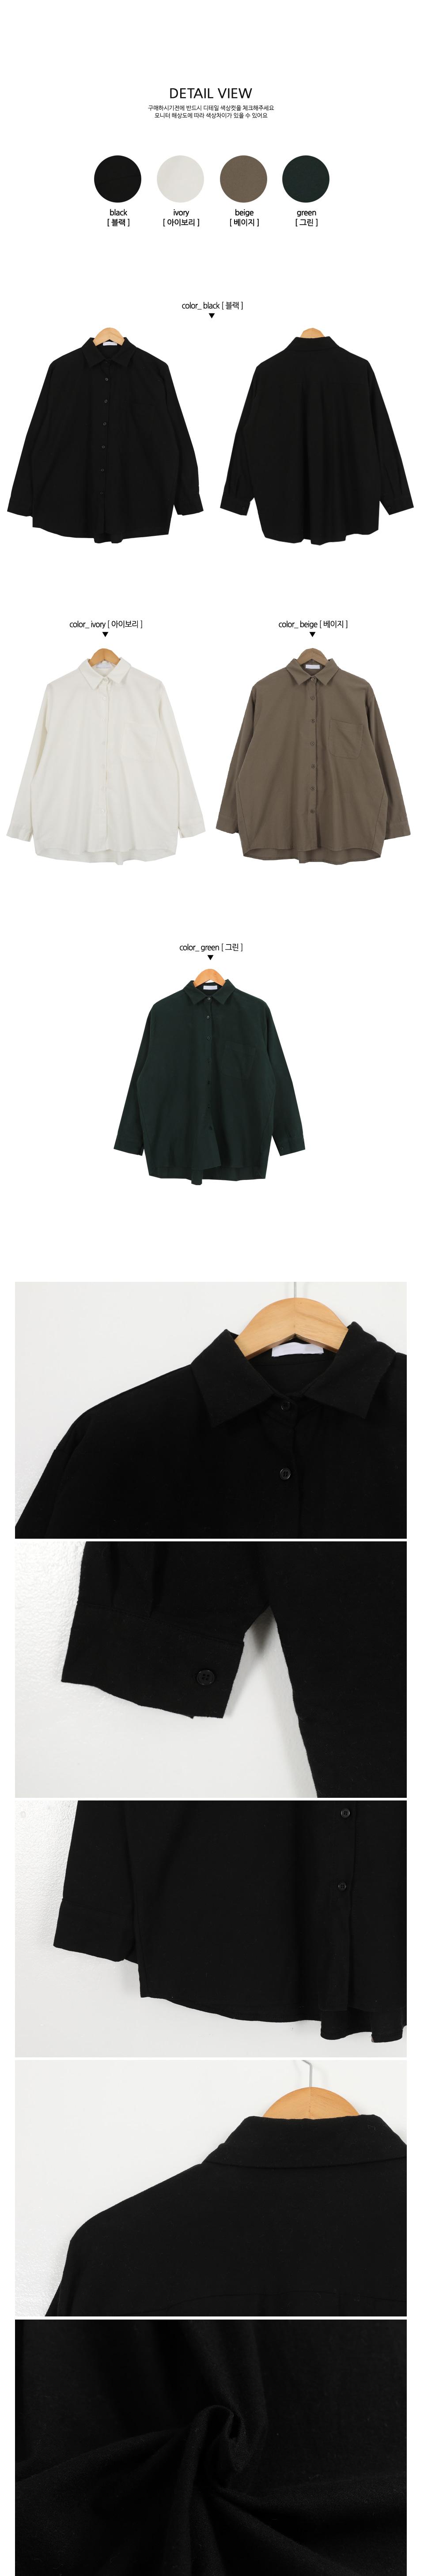 Bedies brushed shirt